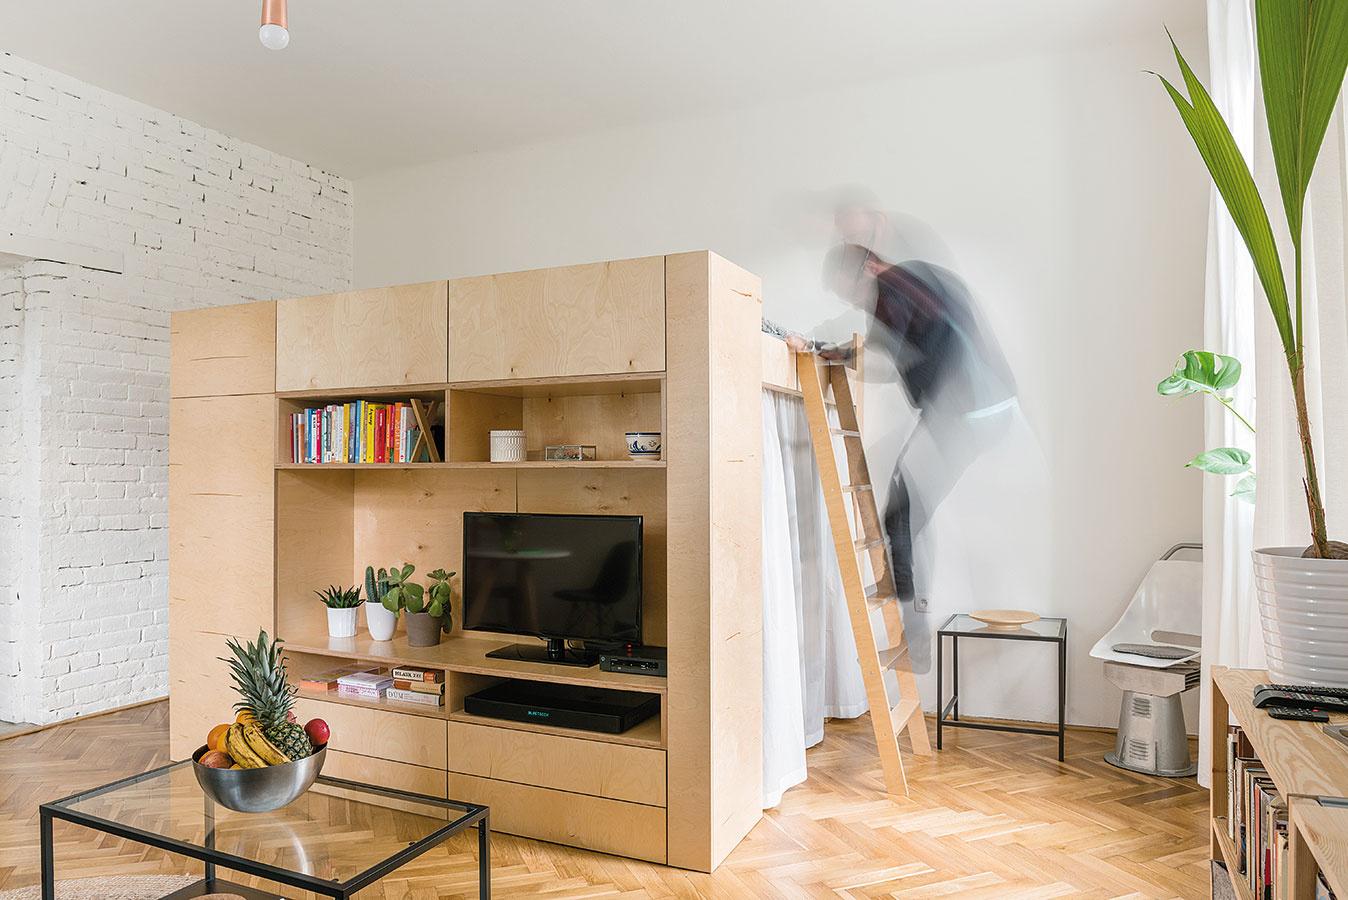 4 v1. Vstavaný kubus rozdelil veľkú miestnosť tak, že každá zo štyroch funkcií – šatník, obývačka, spálňa apracovňa – získala vlastný jasne definovaný priestor aj potrebné súkromie.